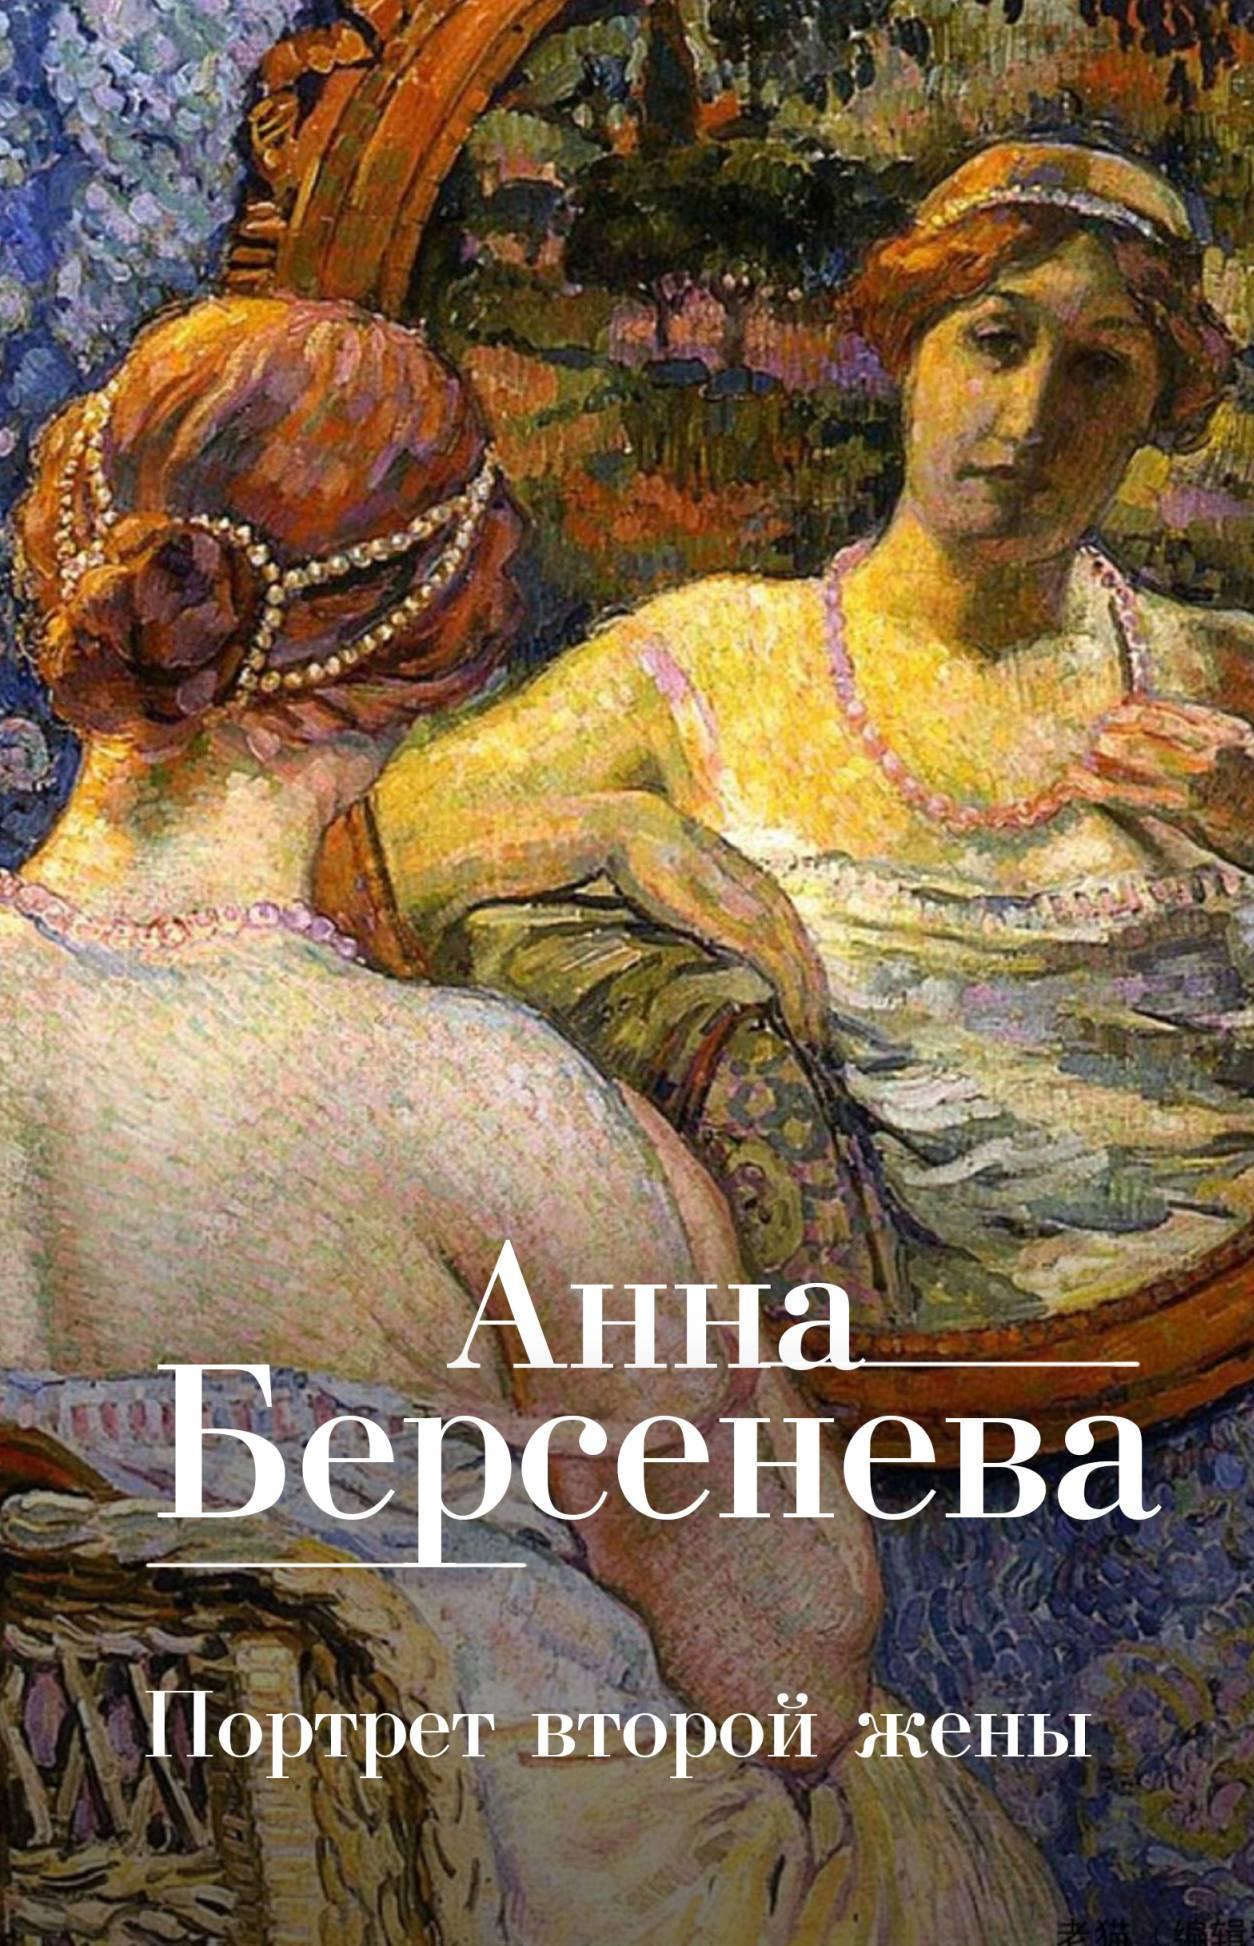 Анна Берсенева Портрет второй жены анна берсенева вангелия